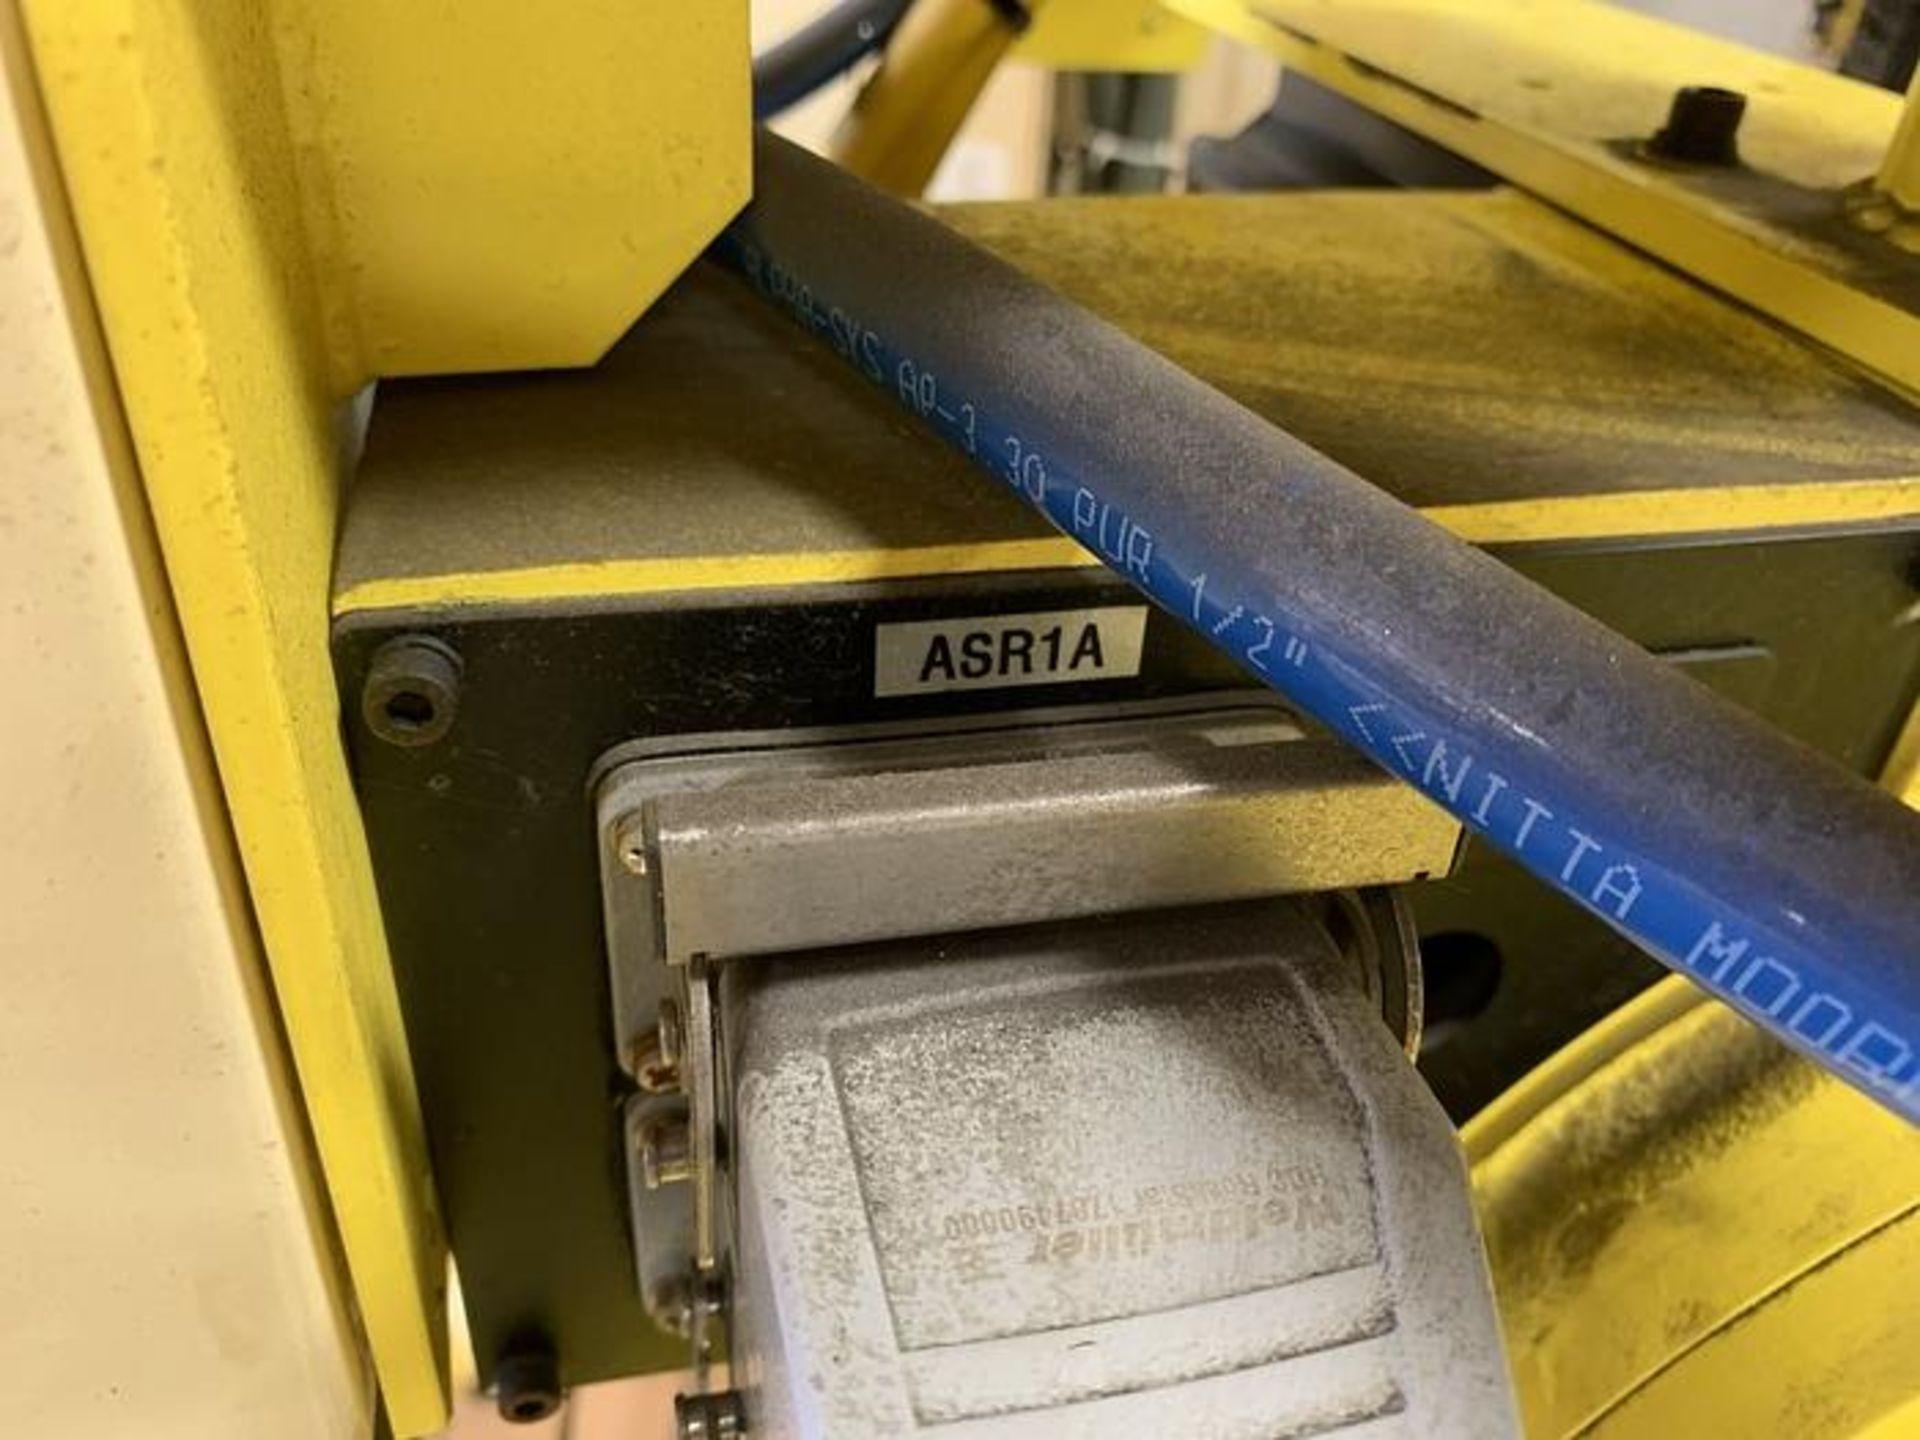 HYUNDIA MODEL HX400 400KG X 2573MM Hi5-N80U CONT. 6 AXIS CNC ROBOT, YEAR 2012, SN HB35-054-572 - Image 21 of 21